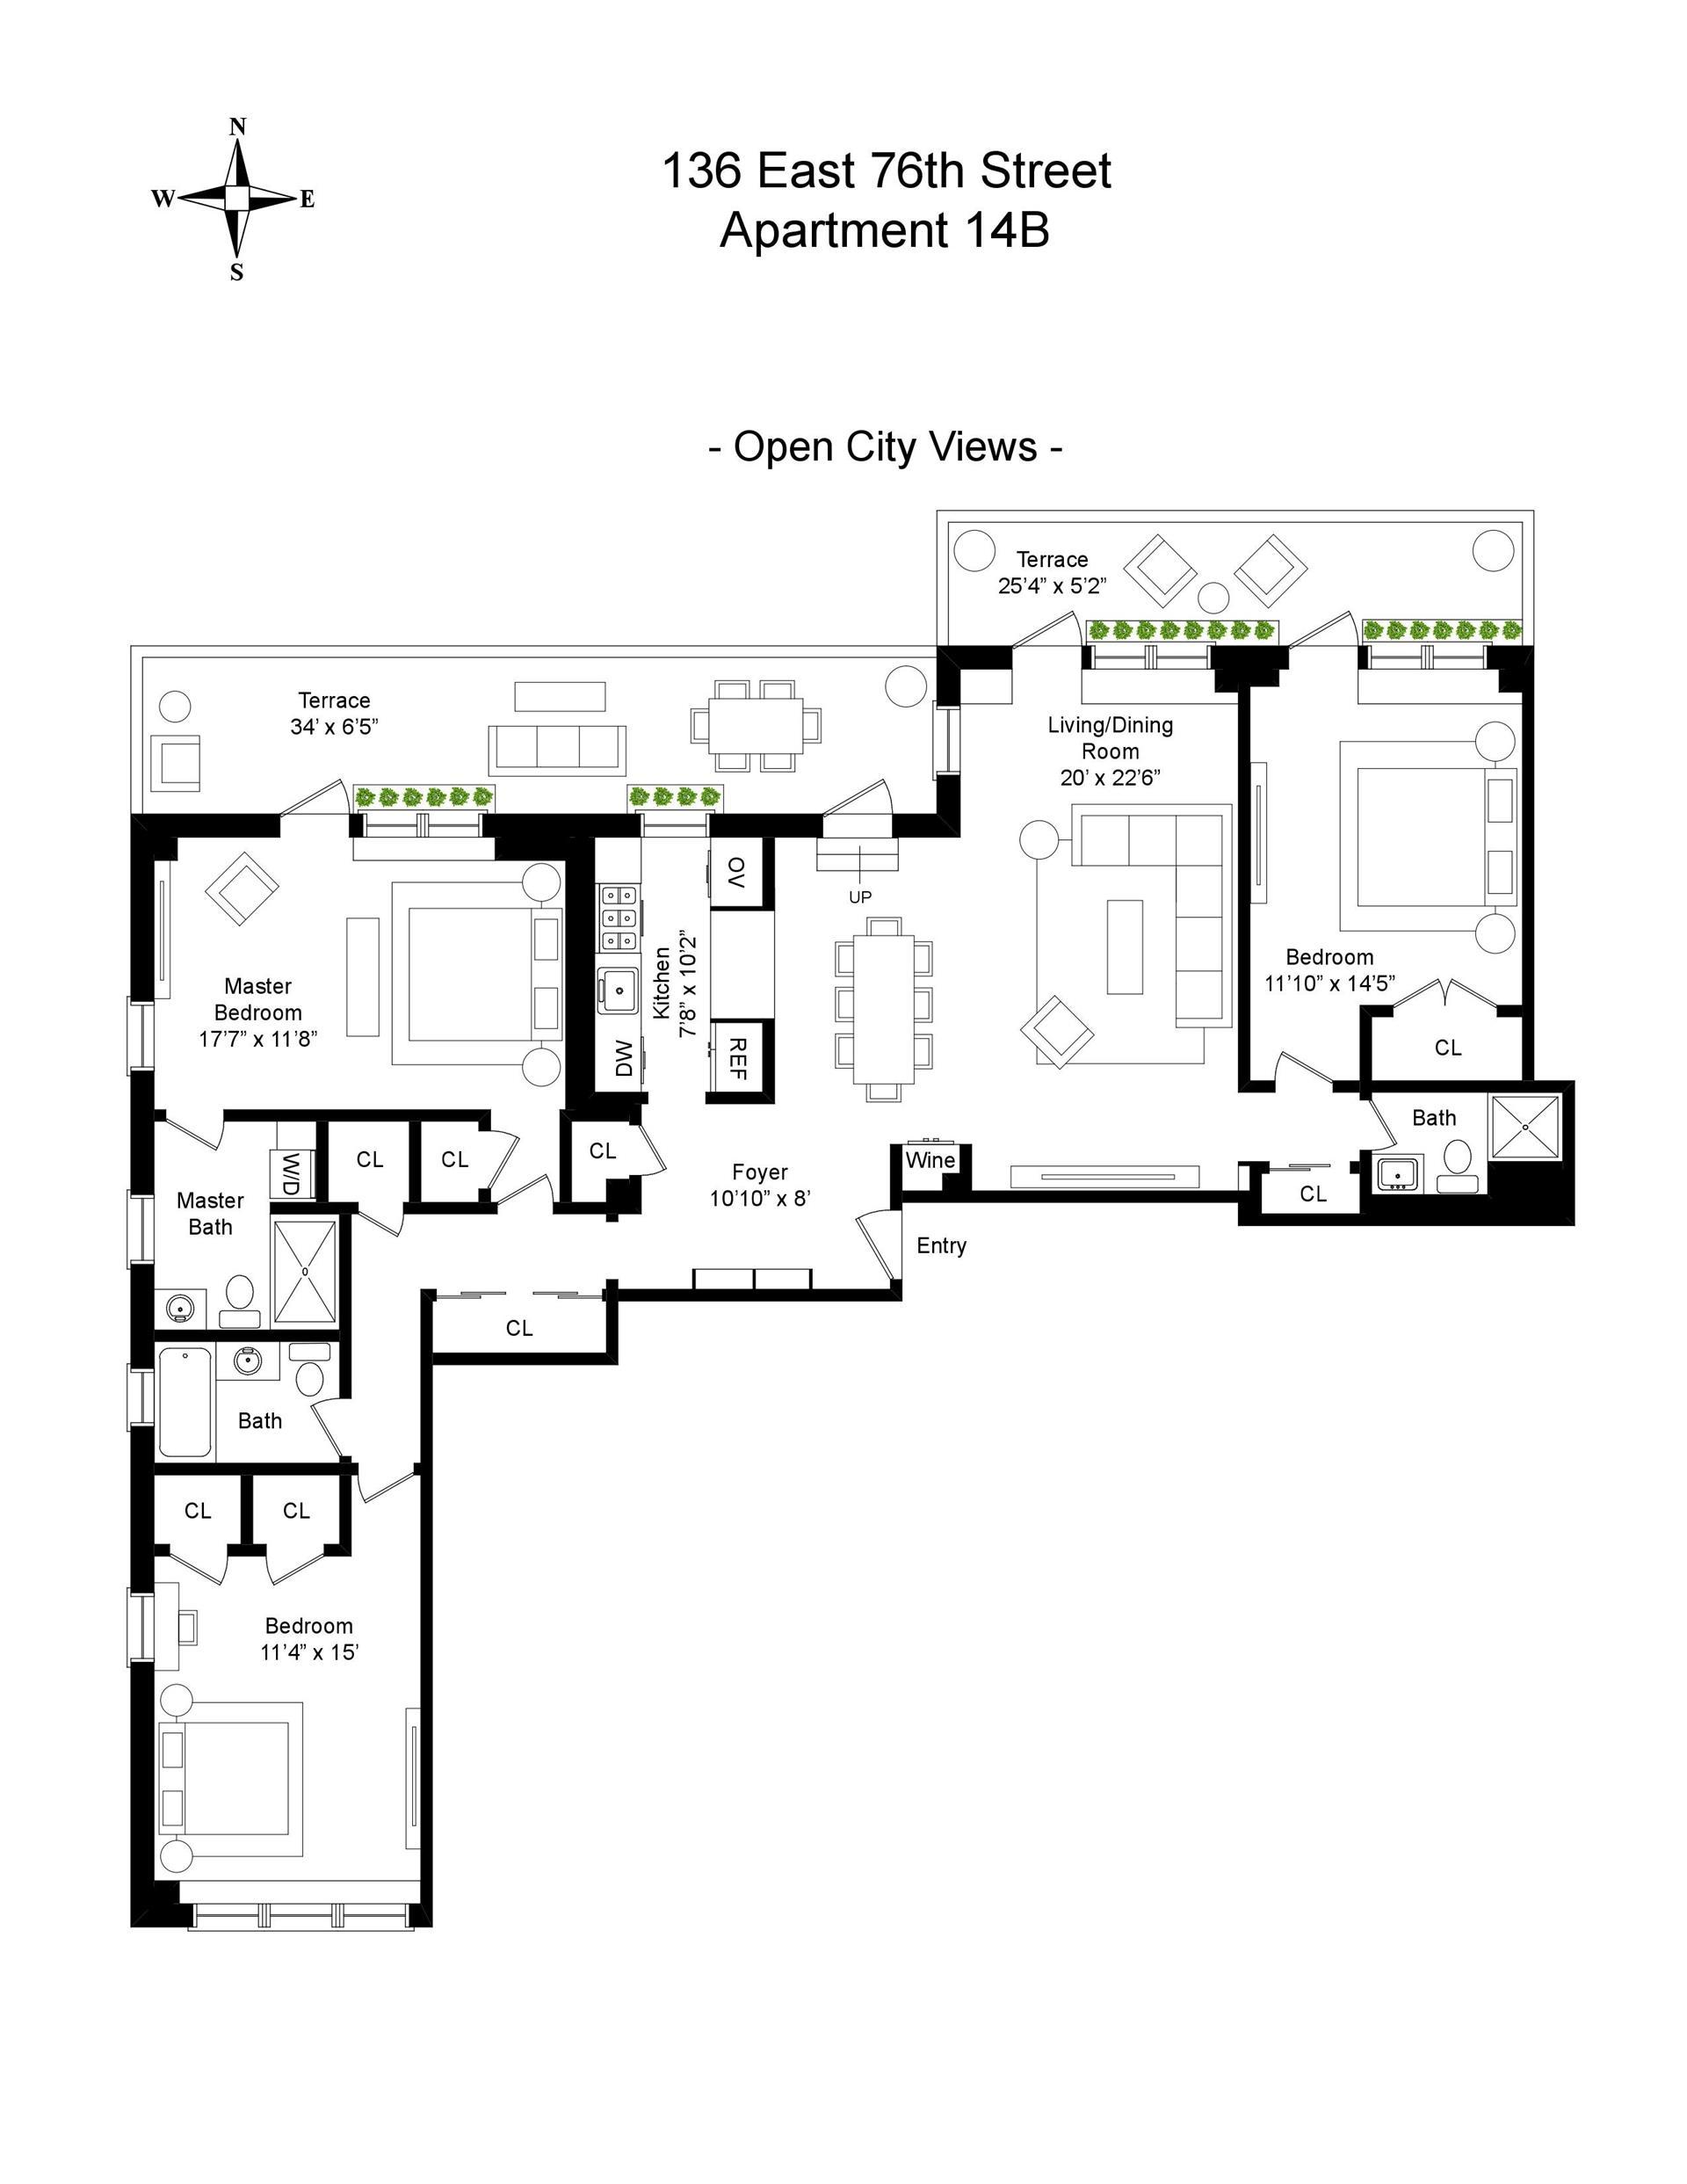 Floor plan of 136 East 76th St, 14B - Upper East Side, New York